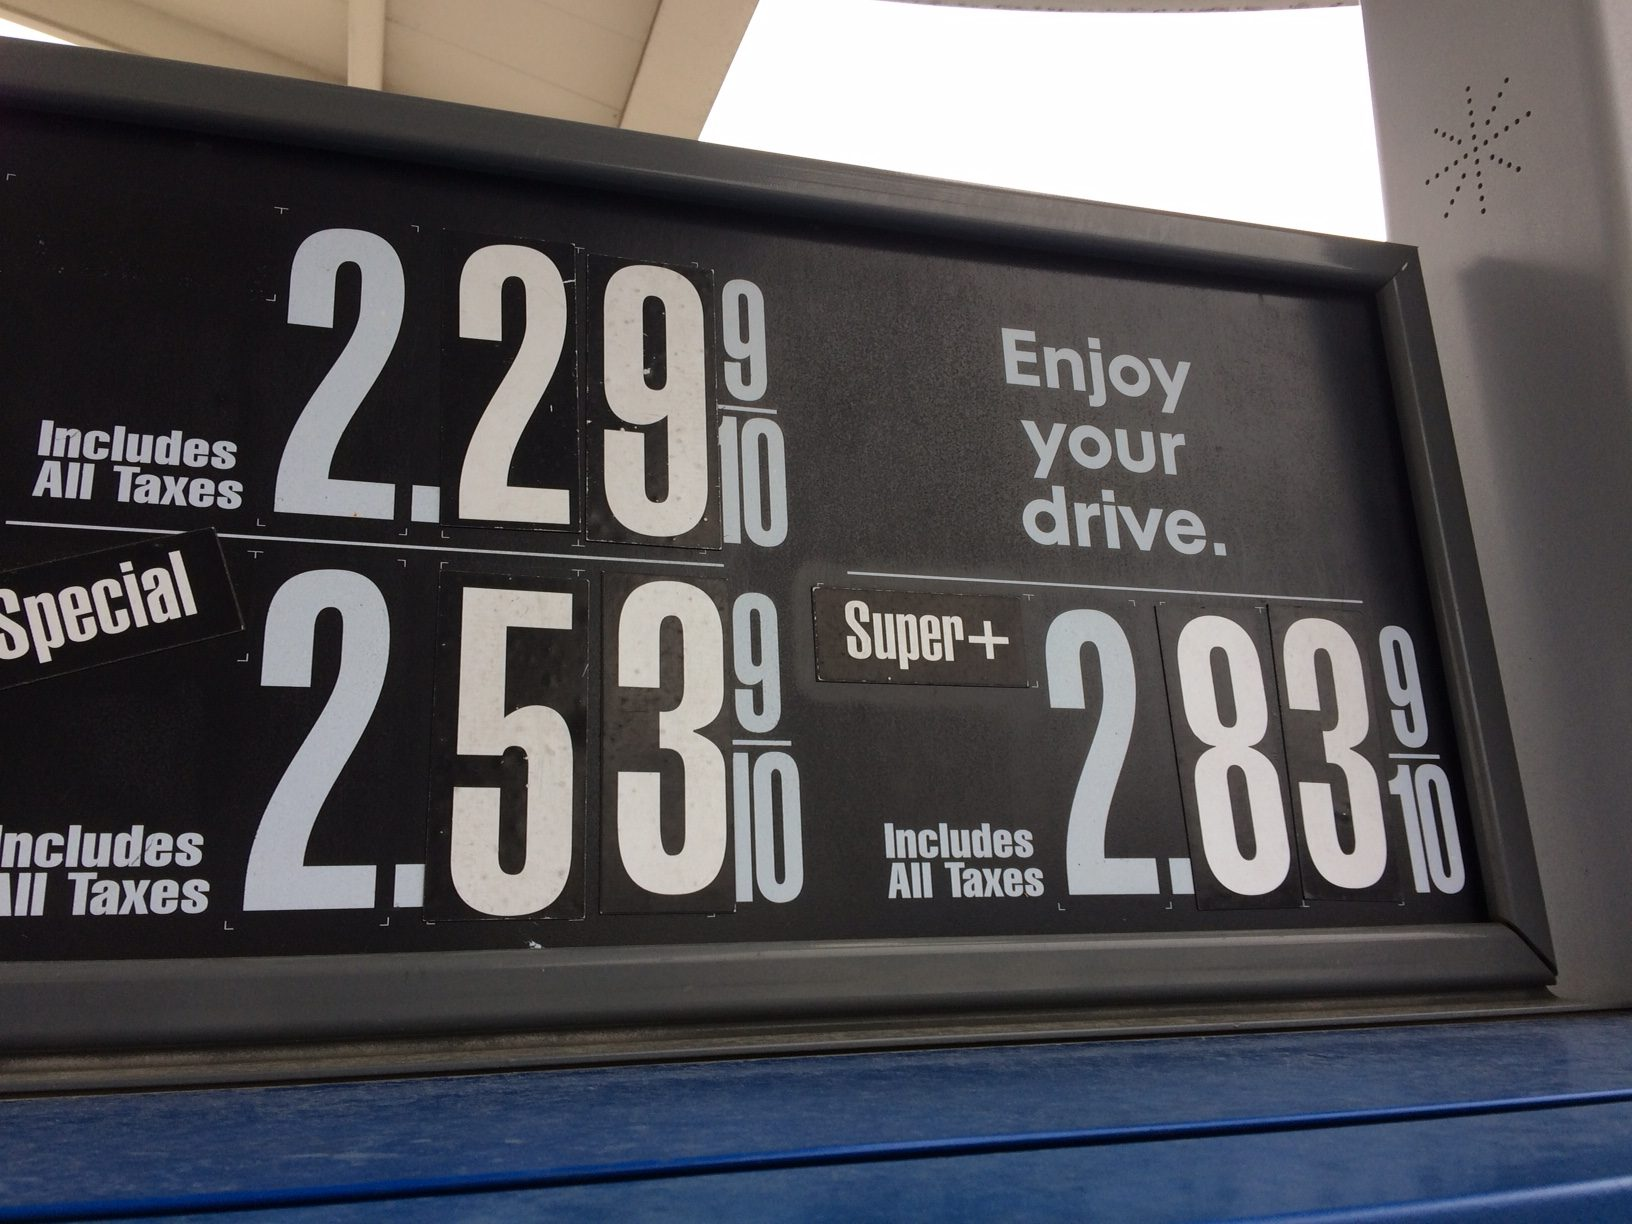 Premium vs Regular Fuel Price